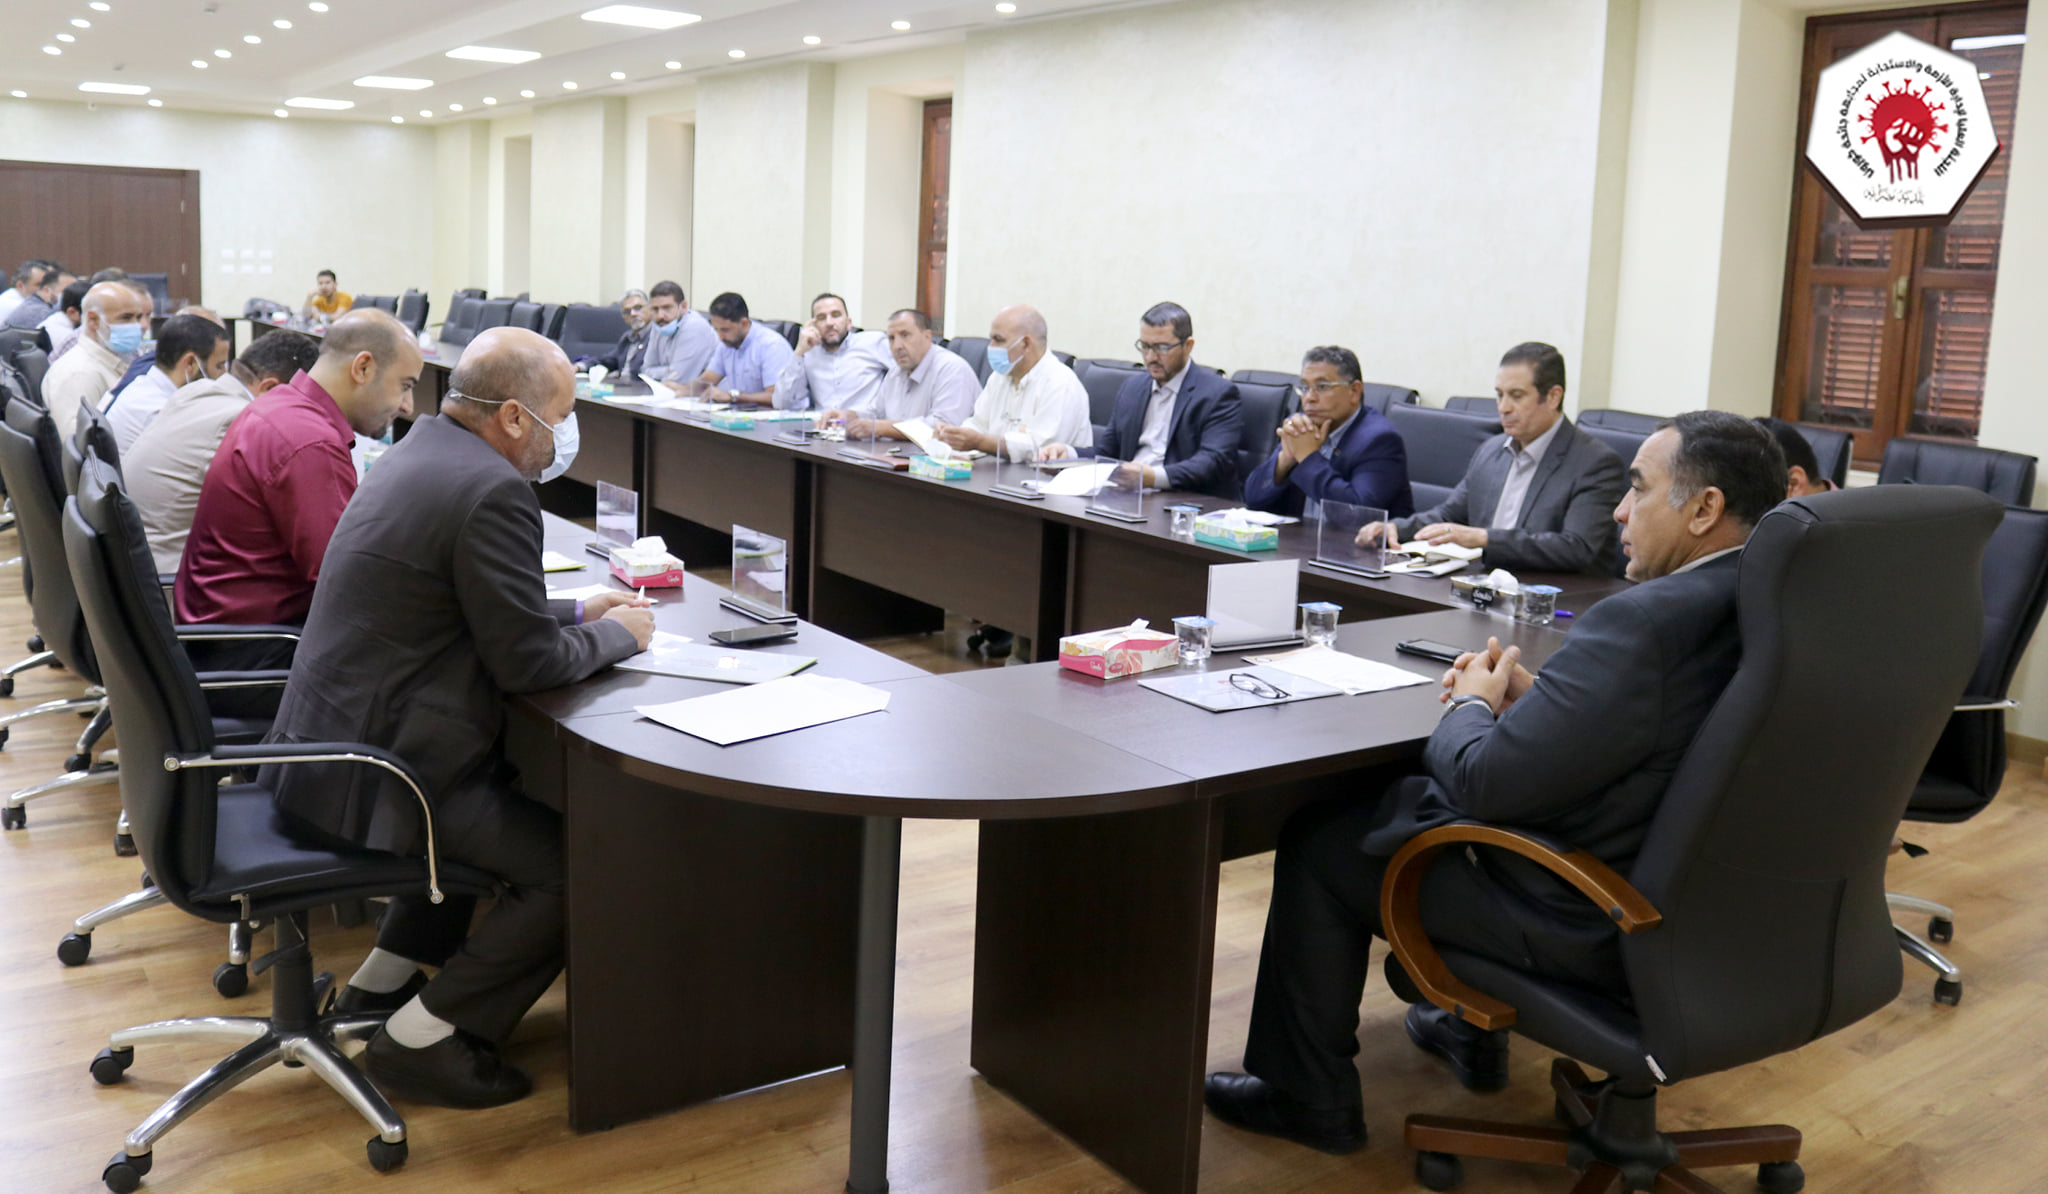 اجتماع اللجنة العليا لمجابهة جائحة كورونا ببلدية مصراتة مع المجلس البلدي مصراتة